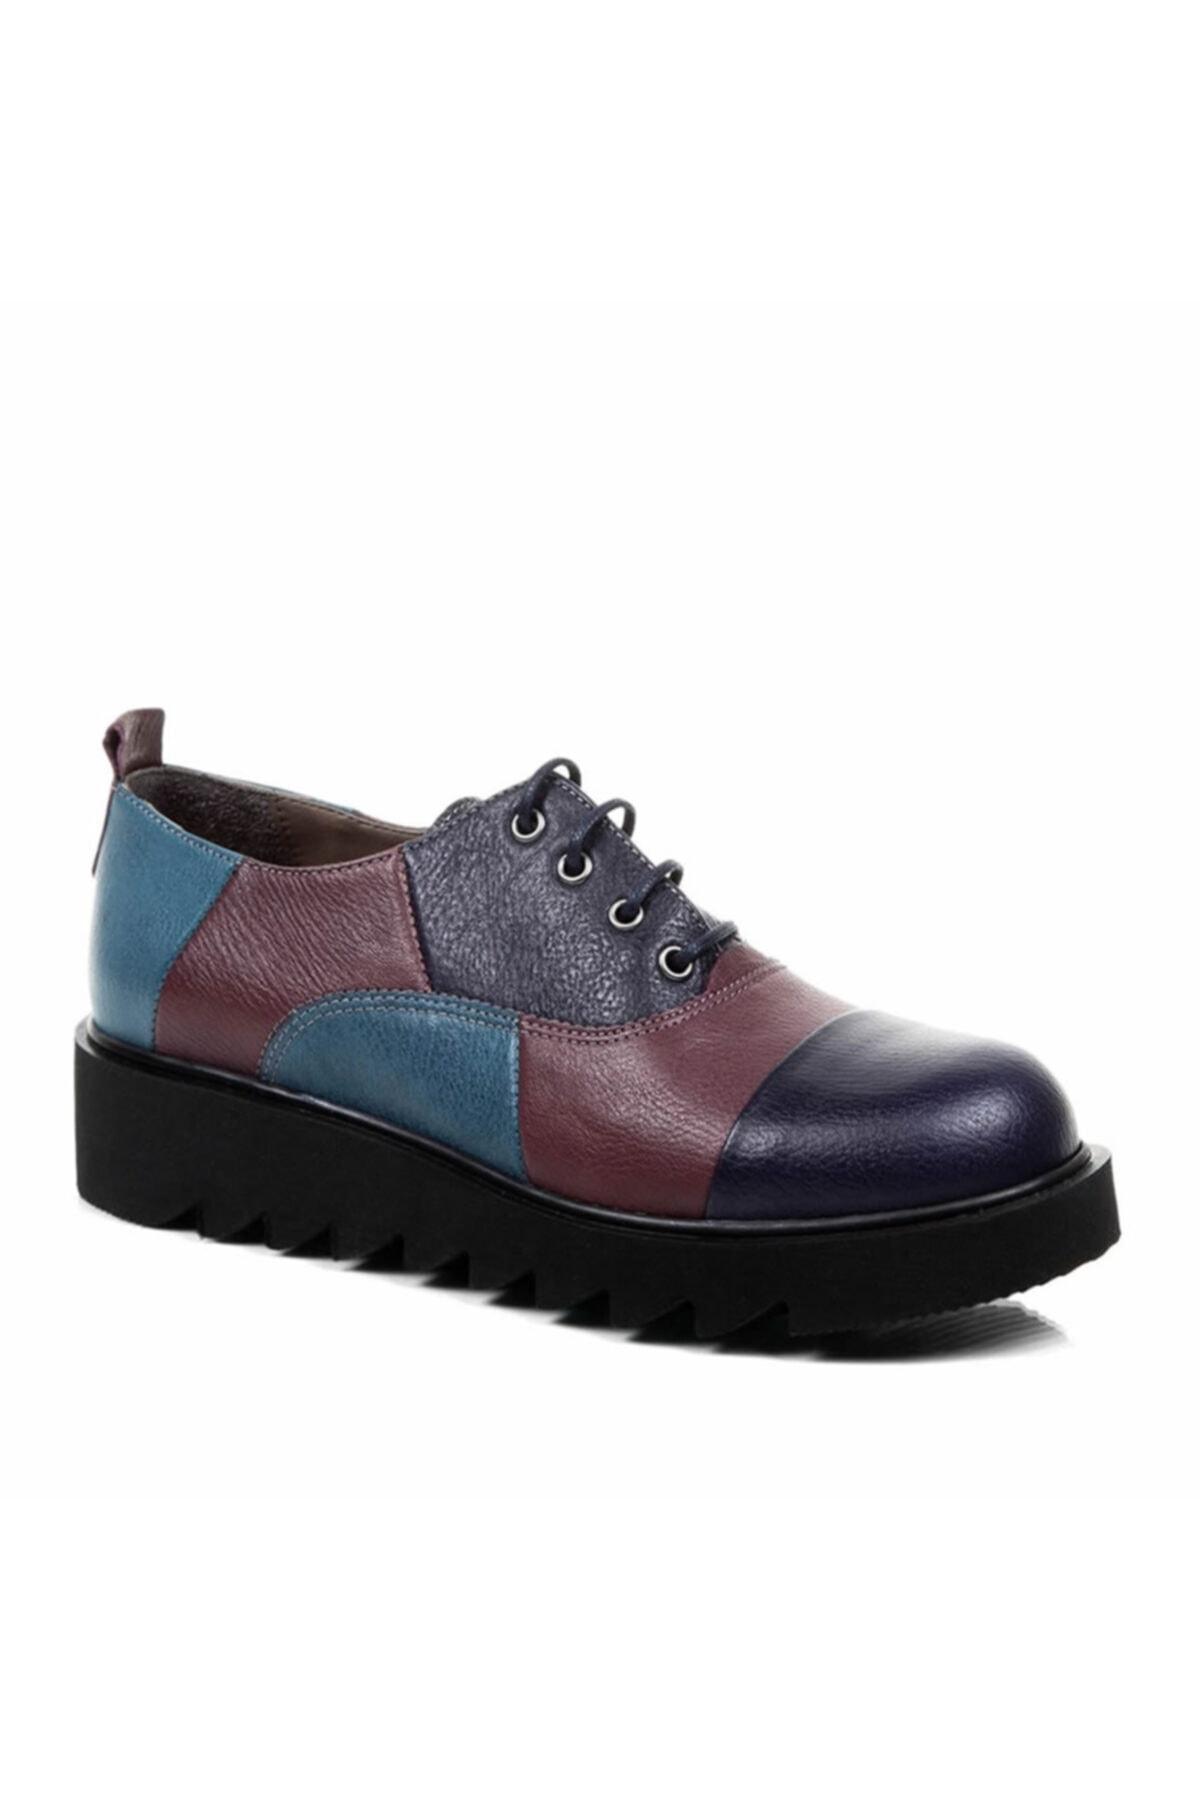 Beta Shoes Kadın Mor Ayakkabı 22-2030-829 1